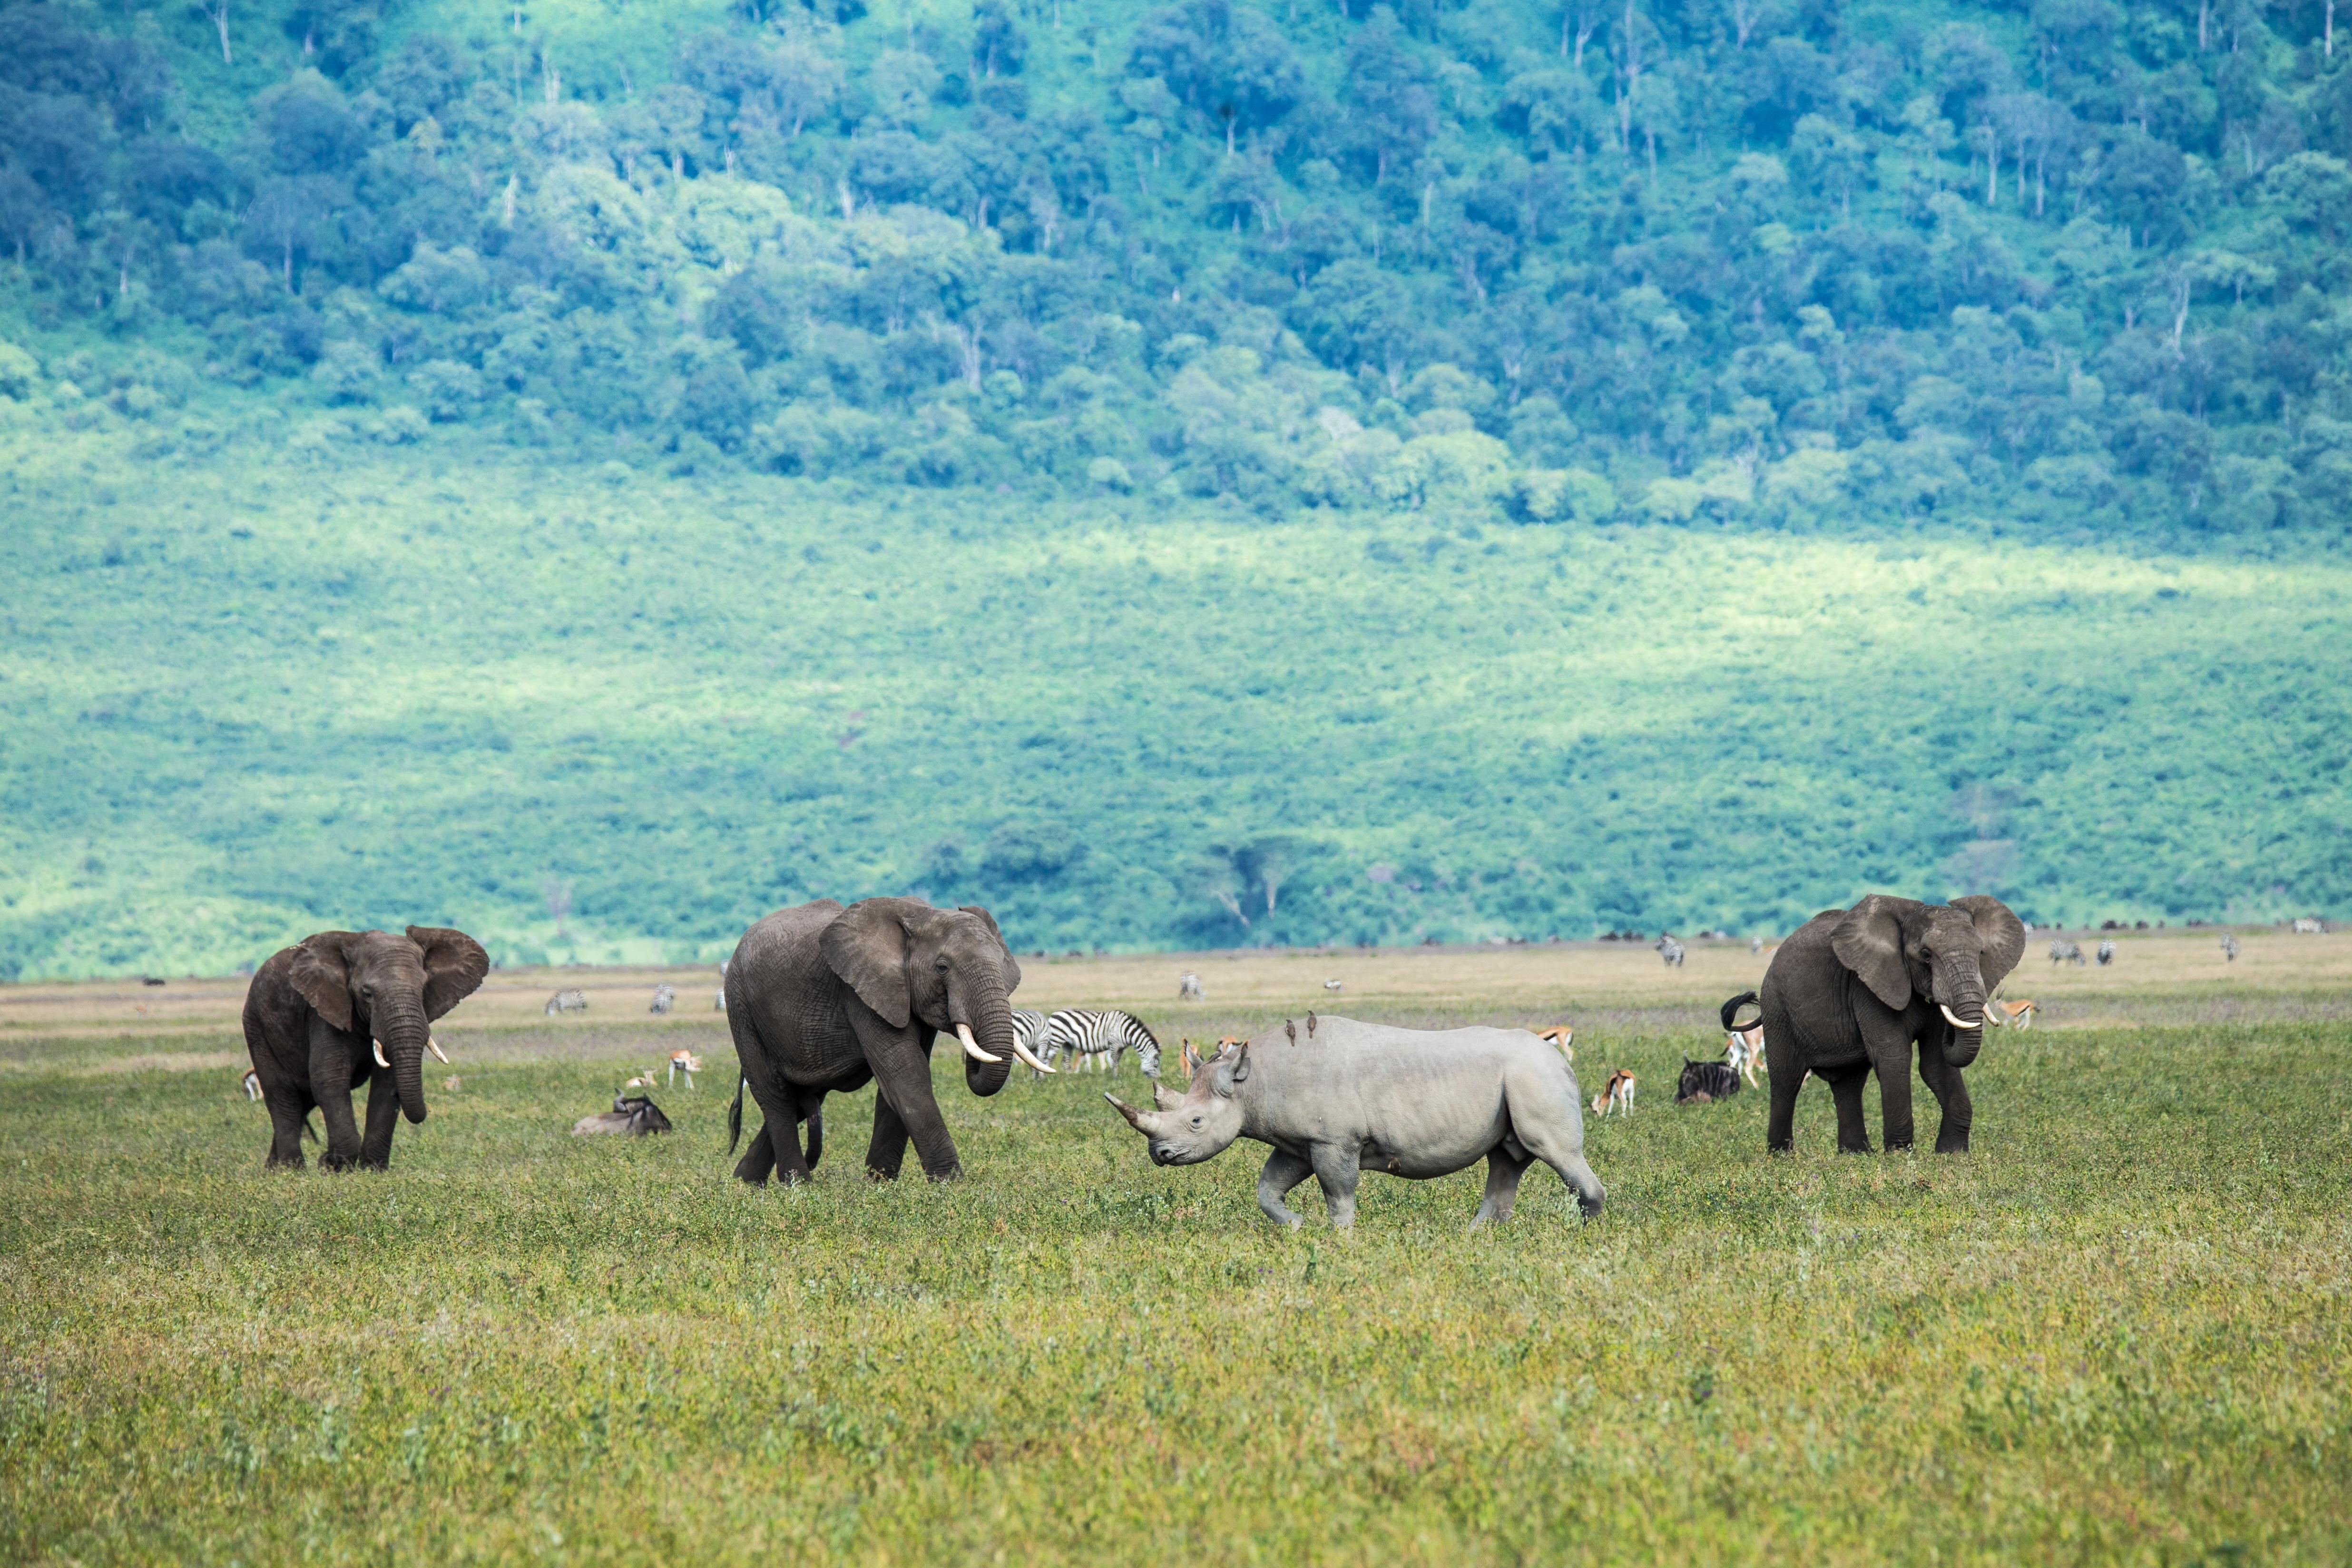 Una reserva ecológica única en el cráter de un volcán - Kenia Safari Safari Kenia y Tanzania: Ngorongoro